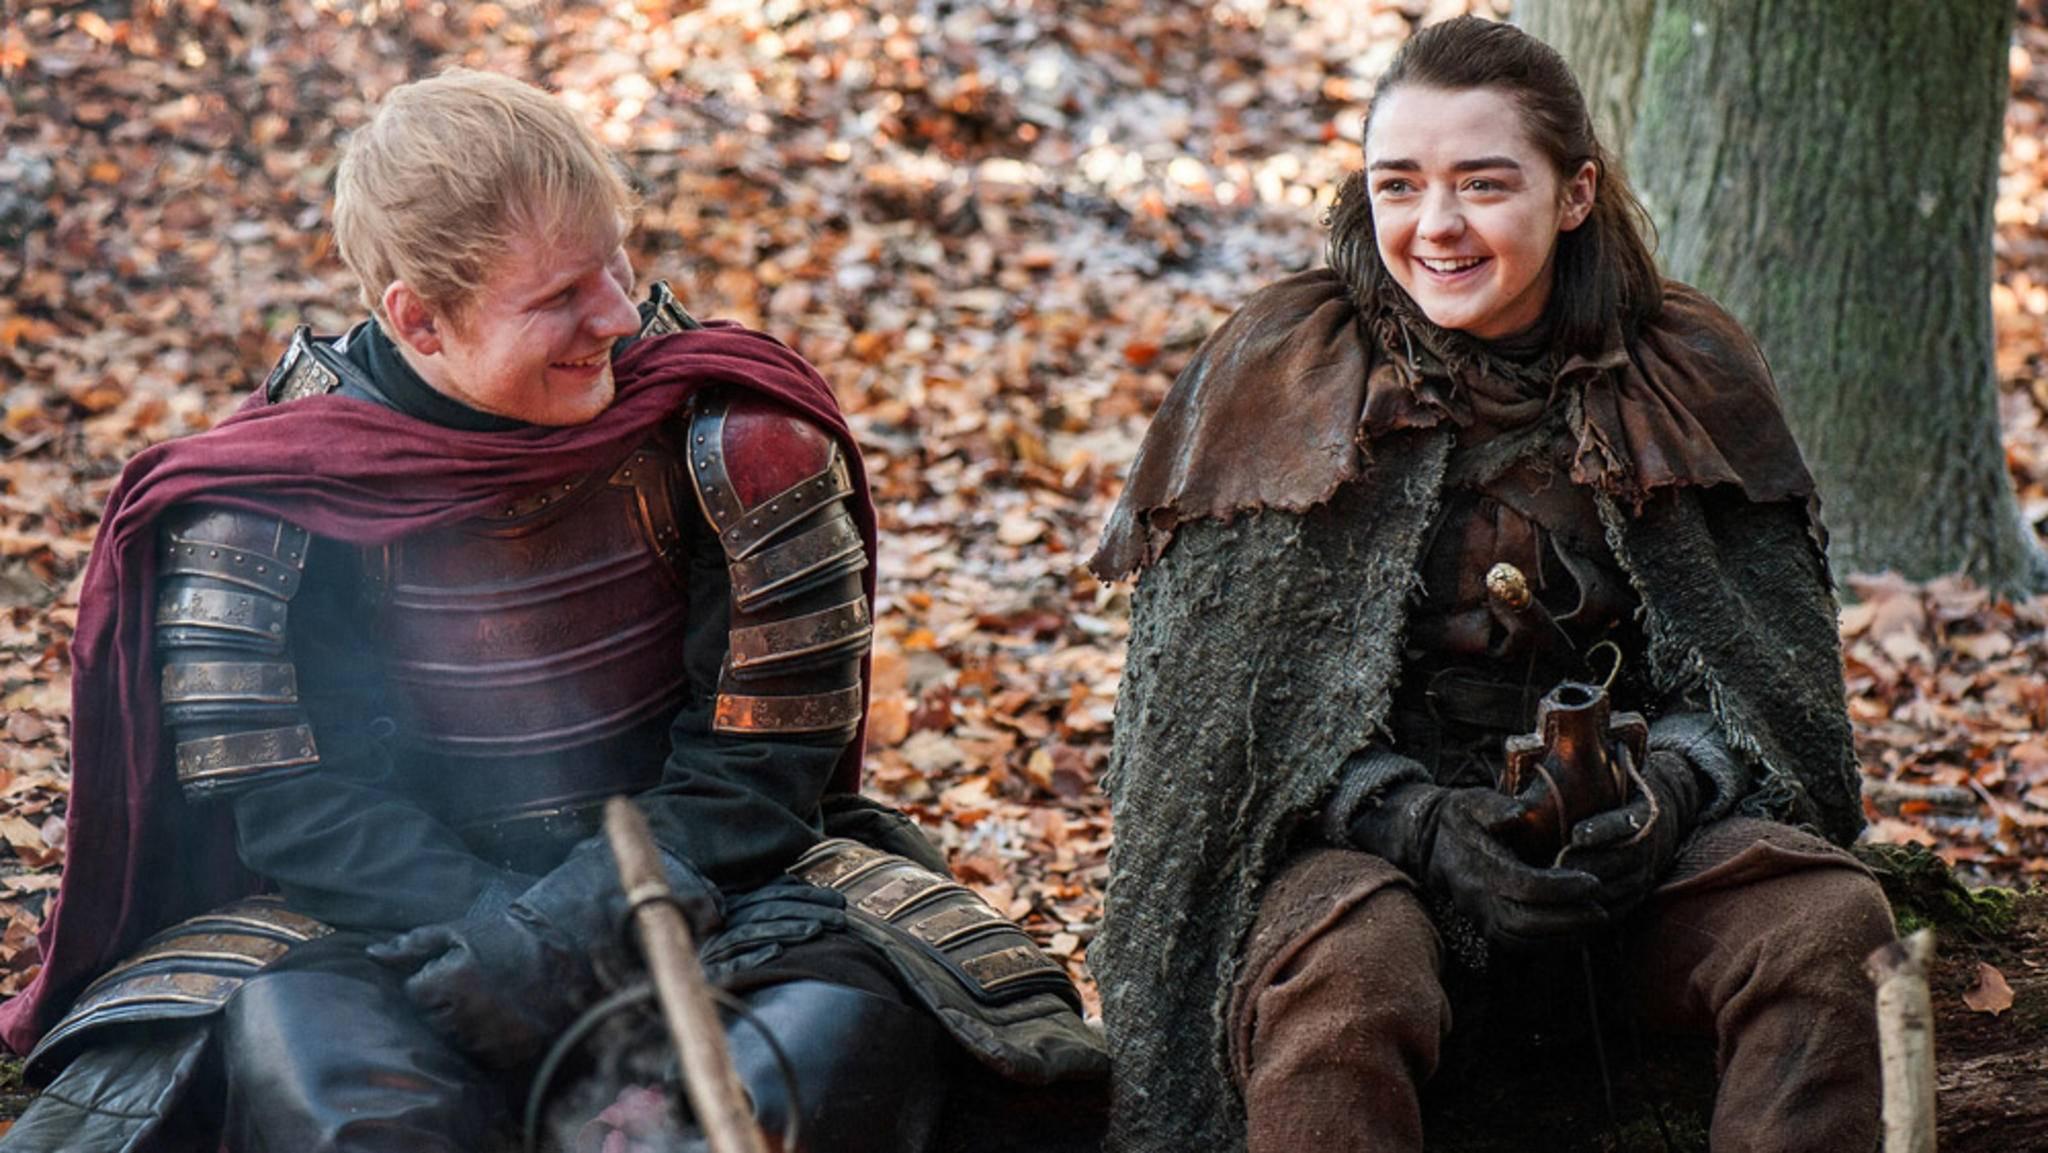 Na, hättest Du ihn erkannt? Hier freut sich Ed Sheeran gerade über seinen Cameo-Auftritt an der Seite von Arya-Stark-Darstellerin Maisie Williams.